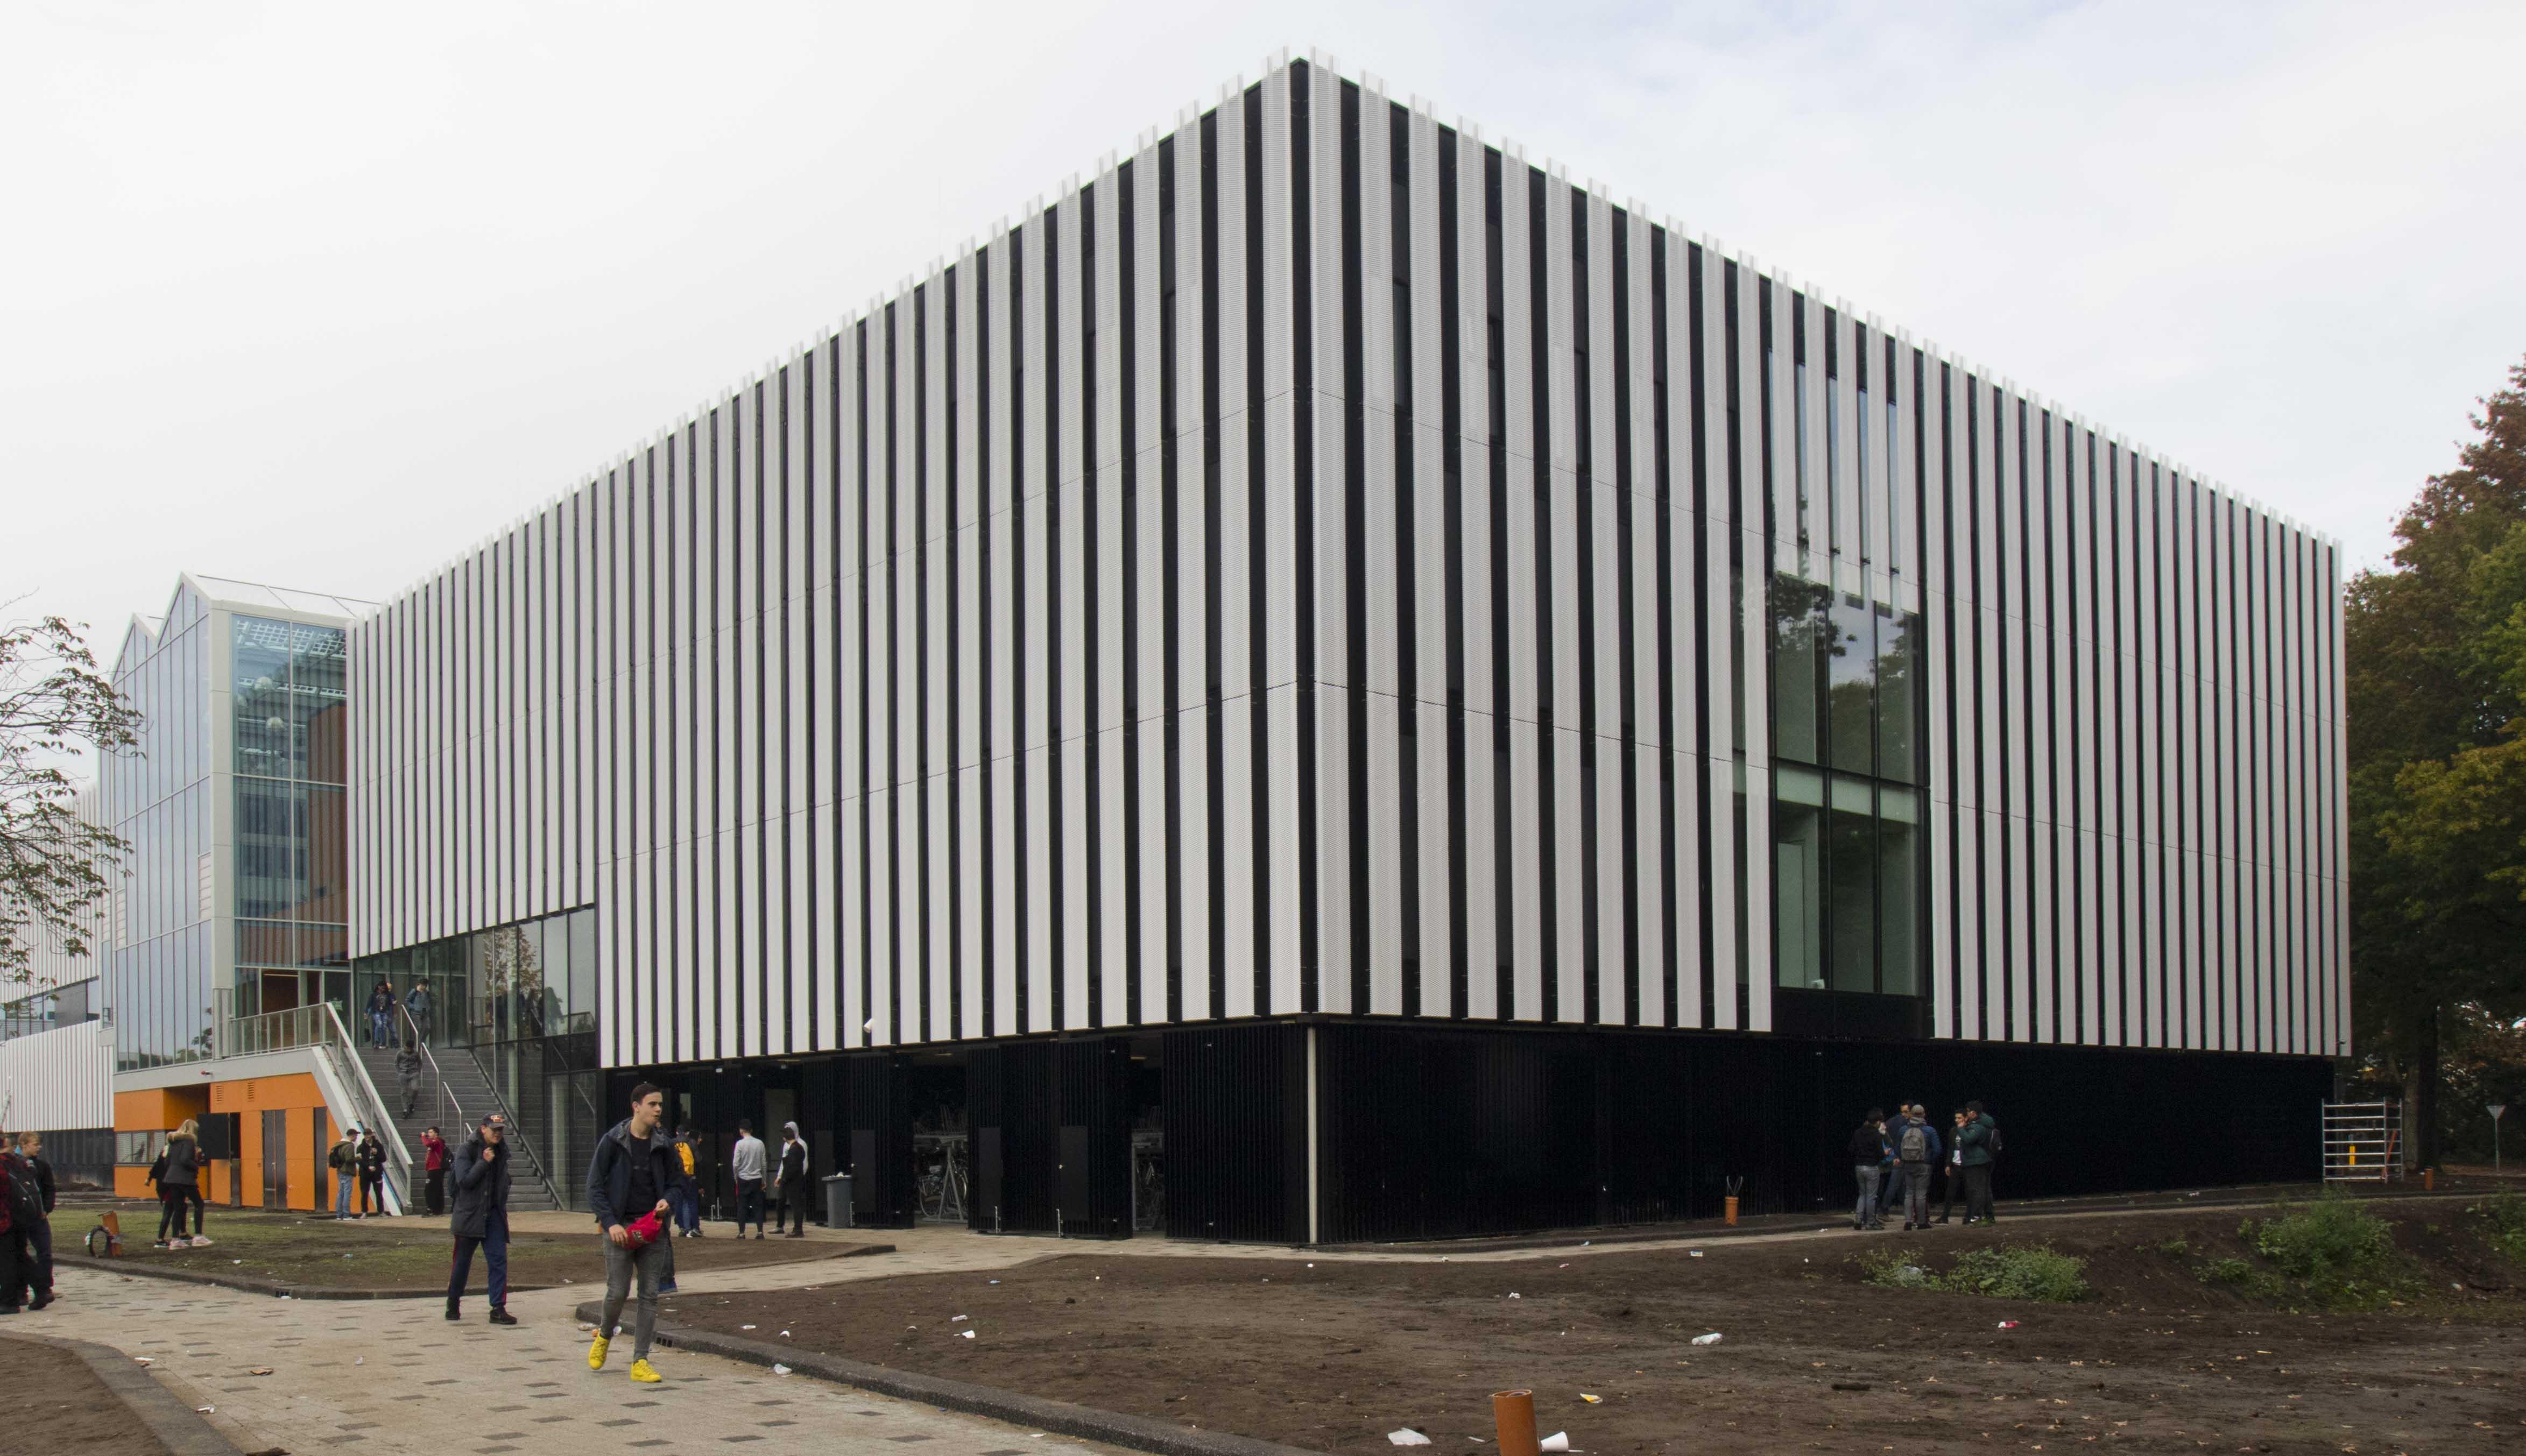 Vakcollege Tilburg Sorba